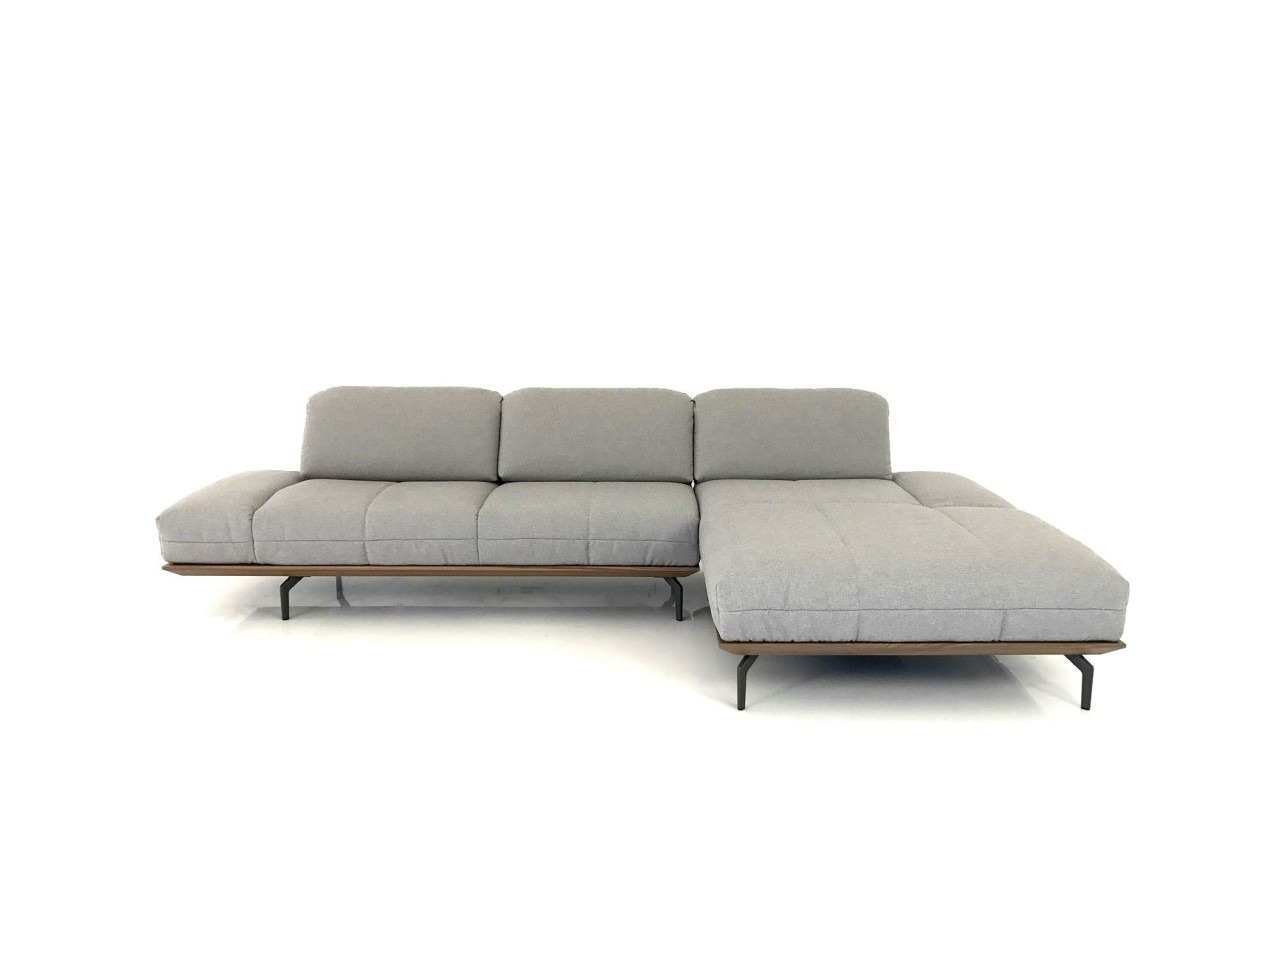 Full Size of Hlsta 420 Sofa Mit Recamiere Teppich Und Wohngalerie Led Bett Barock Wohnzimmer Recamiere Barock